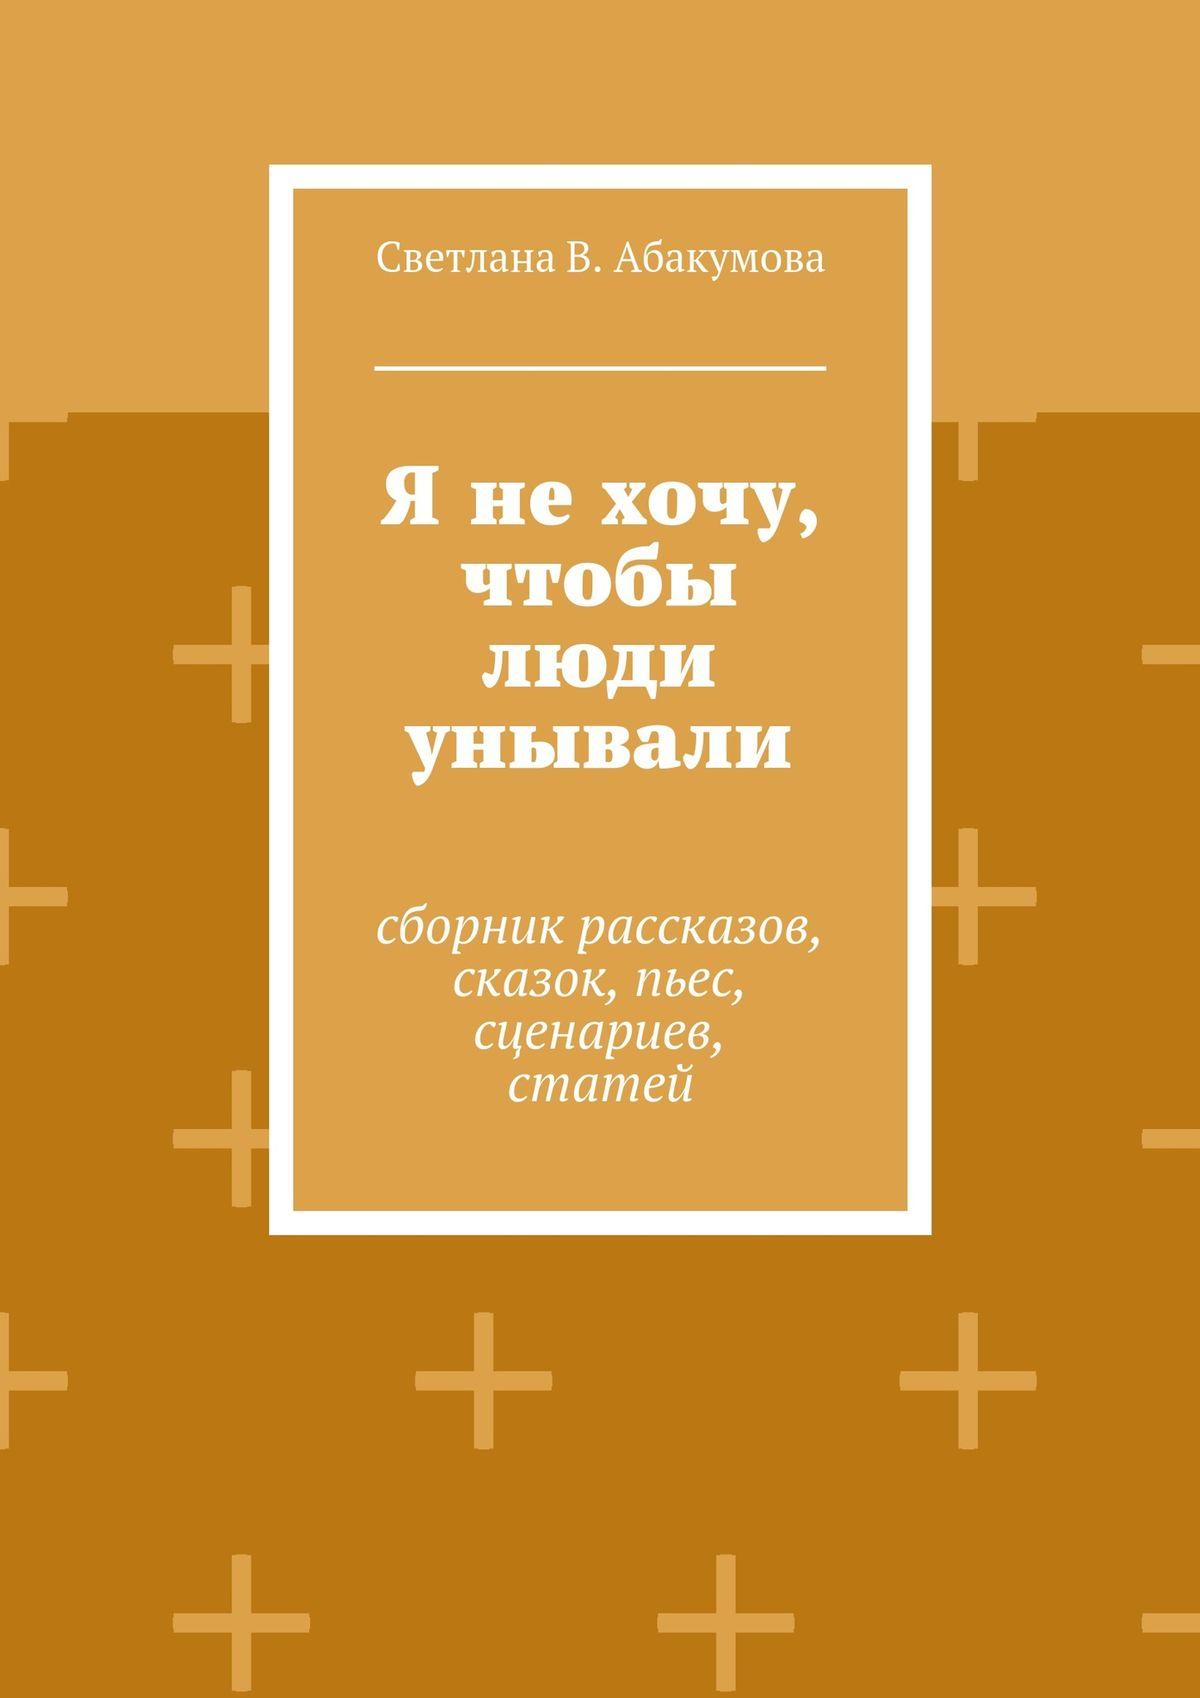 Светлана В. Абакумова Я нехочу, чтобы люди унывали. Сборник рассказов, сказок, пьес, сценариев, статей стоимость